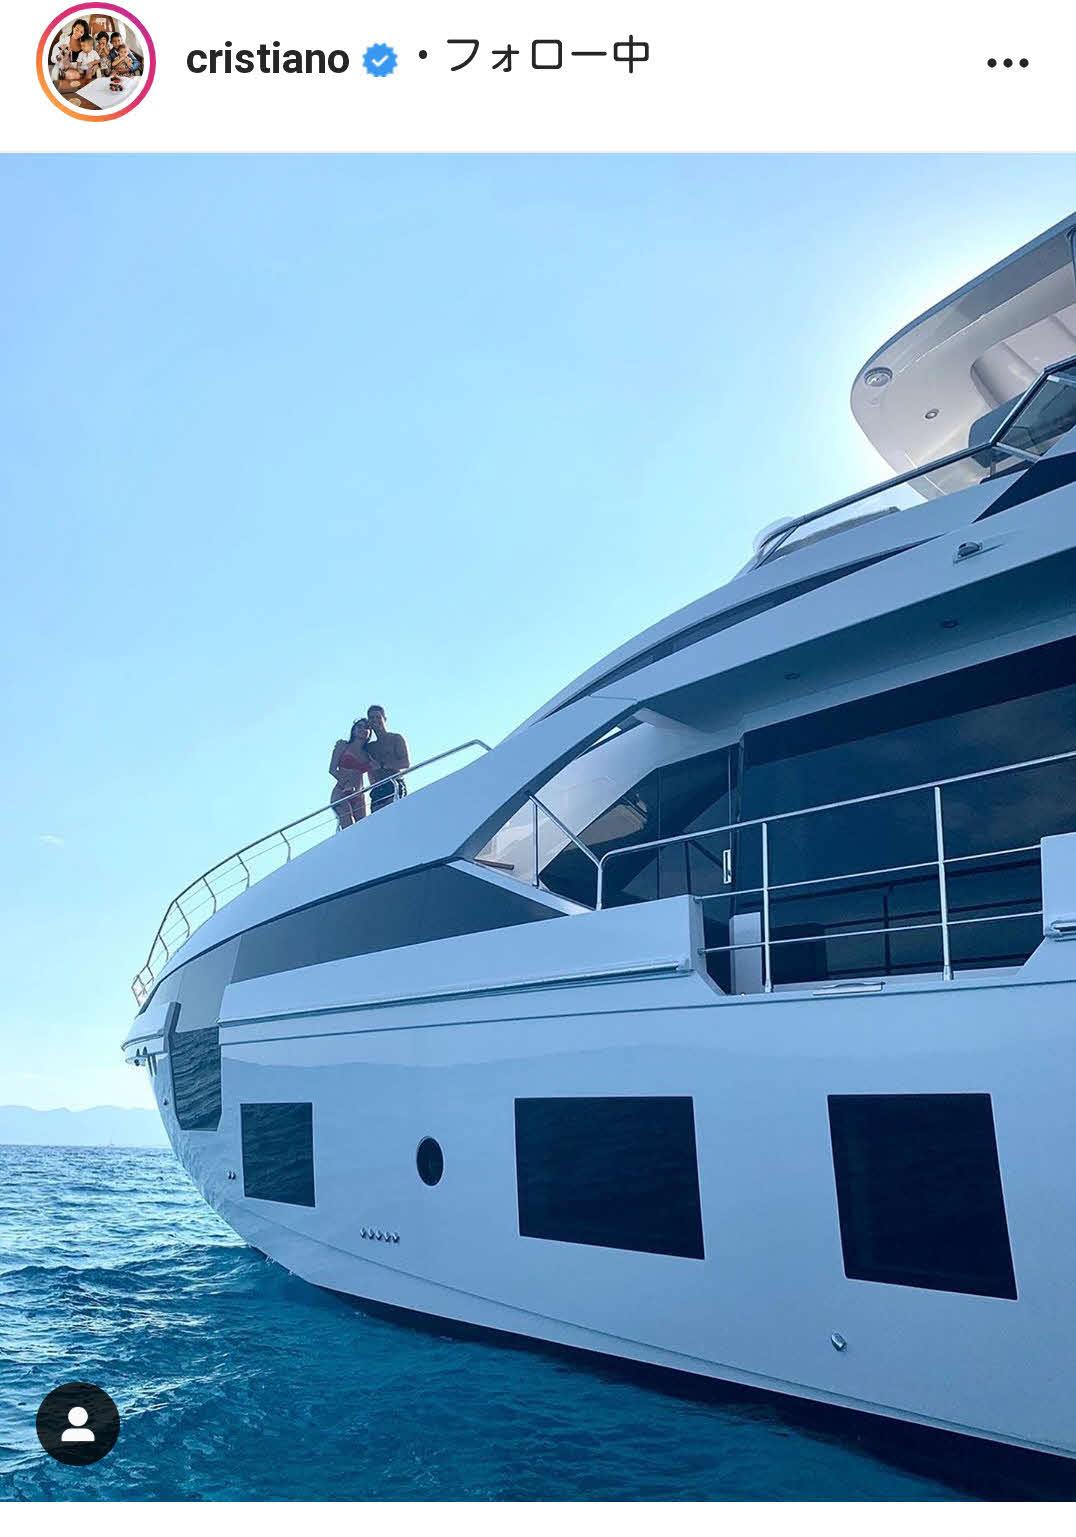 約7億5000万円の豪華ヨットで恋人のジョージナ・ロドリゲスさんとくつろぐクリスティアーノ・ロナウド(ロナウドのインスタグラムより)